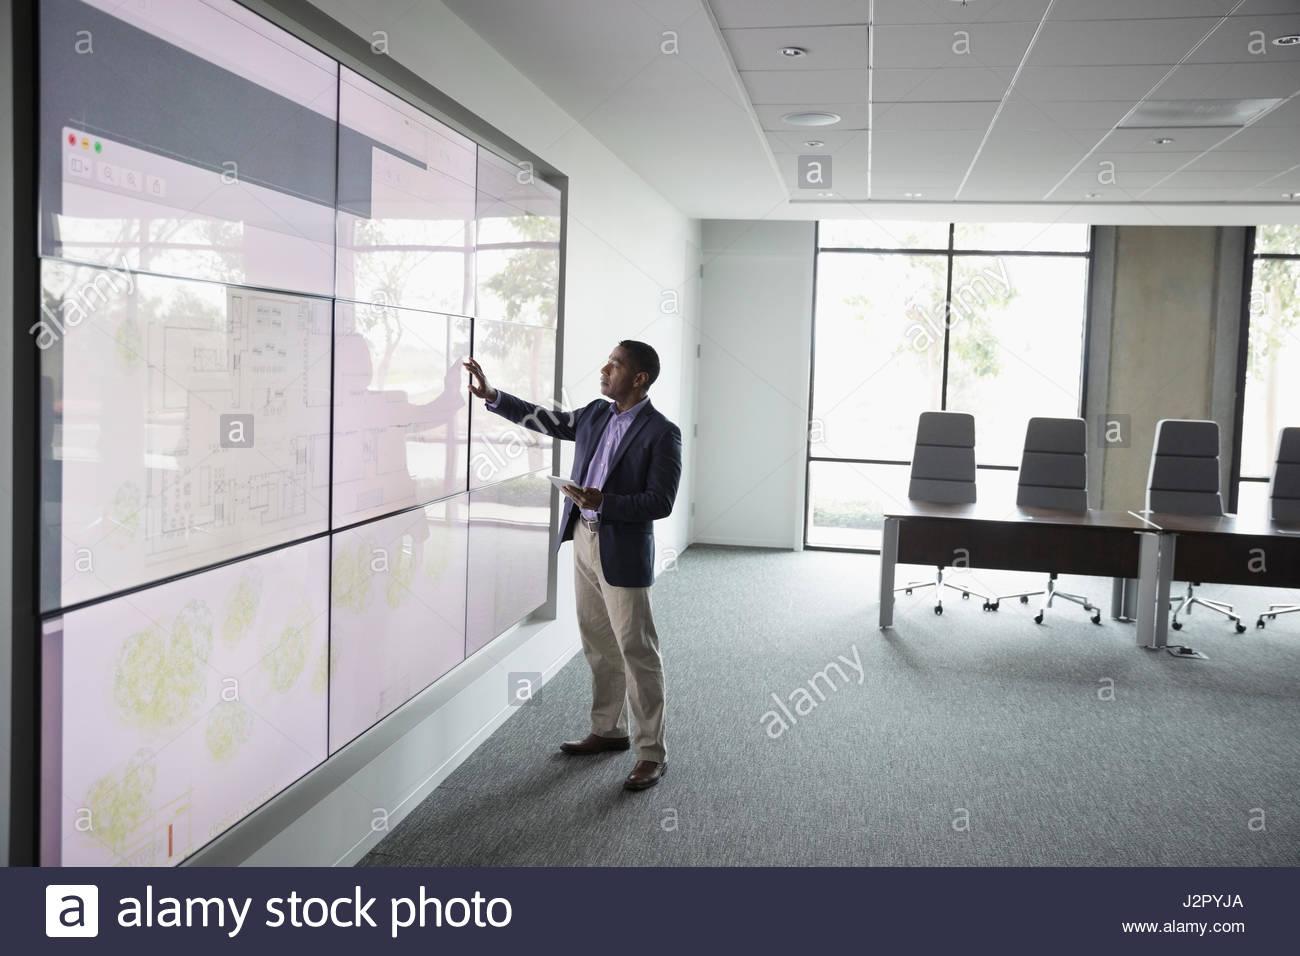 Afrikanische amerikanische männliche Architekten arbeiten bei großen Touchscreen im Konferenzraum Stockbild